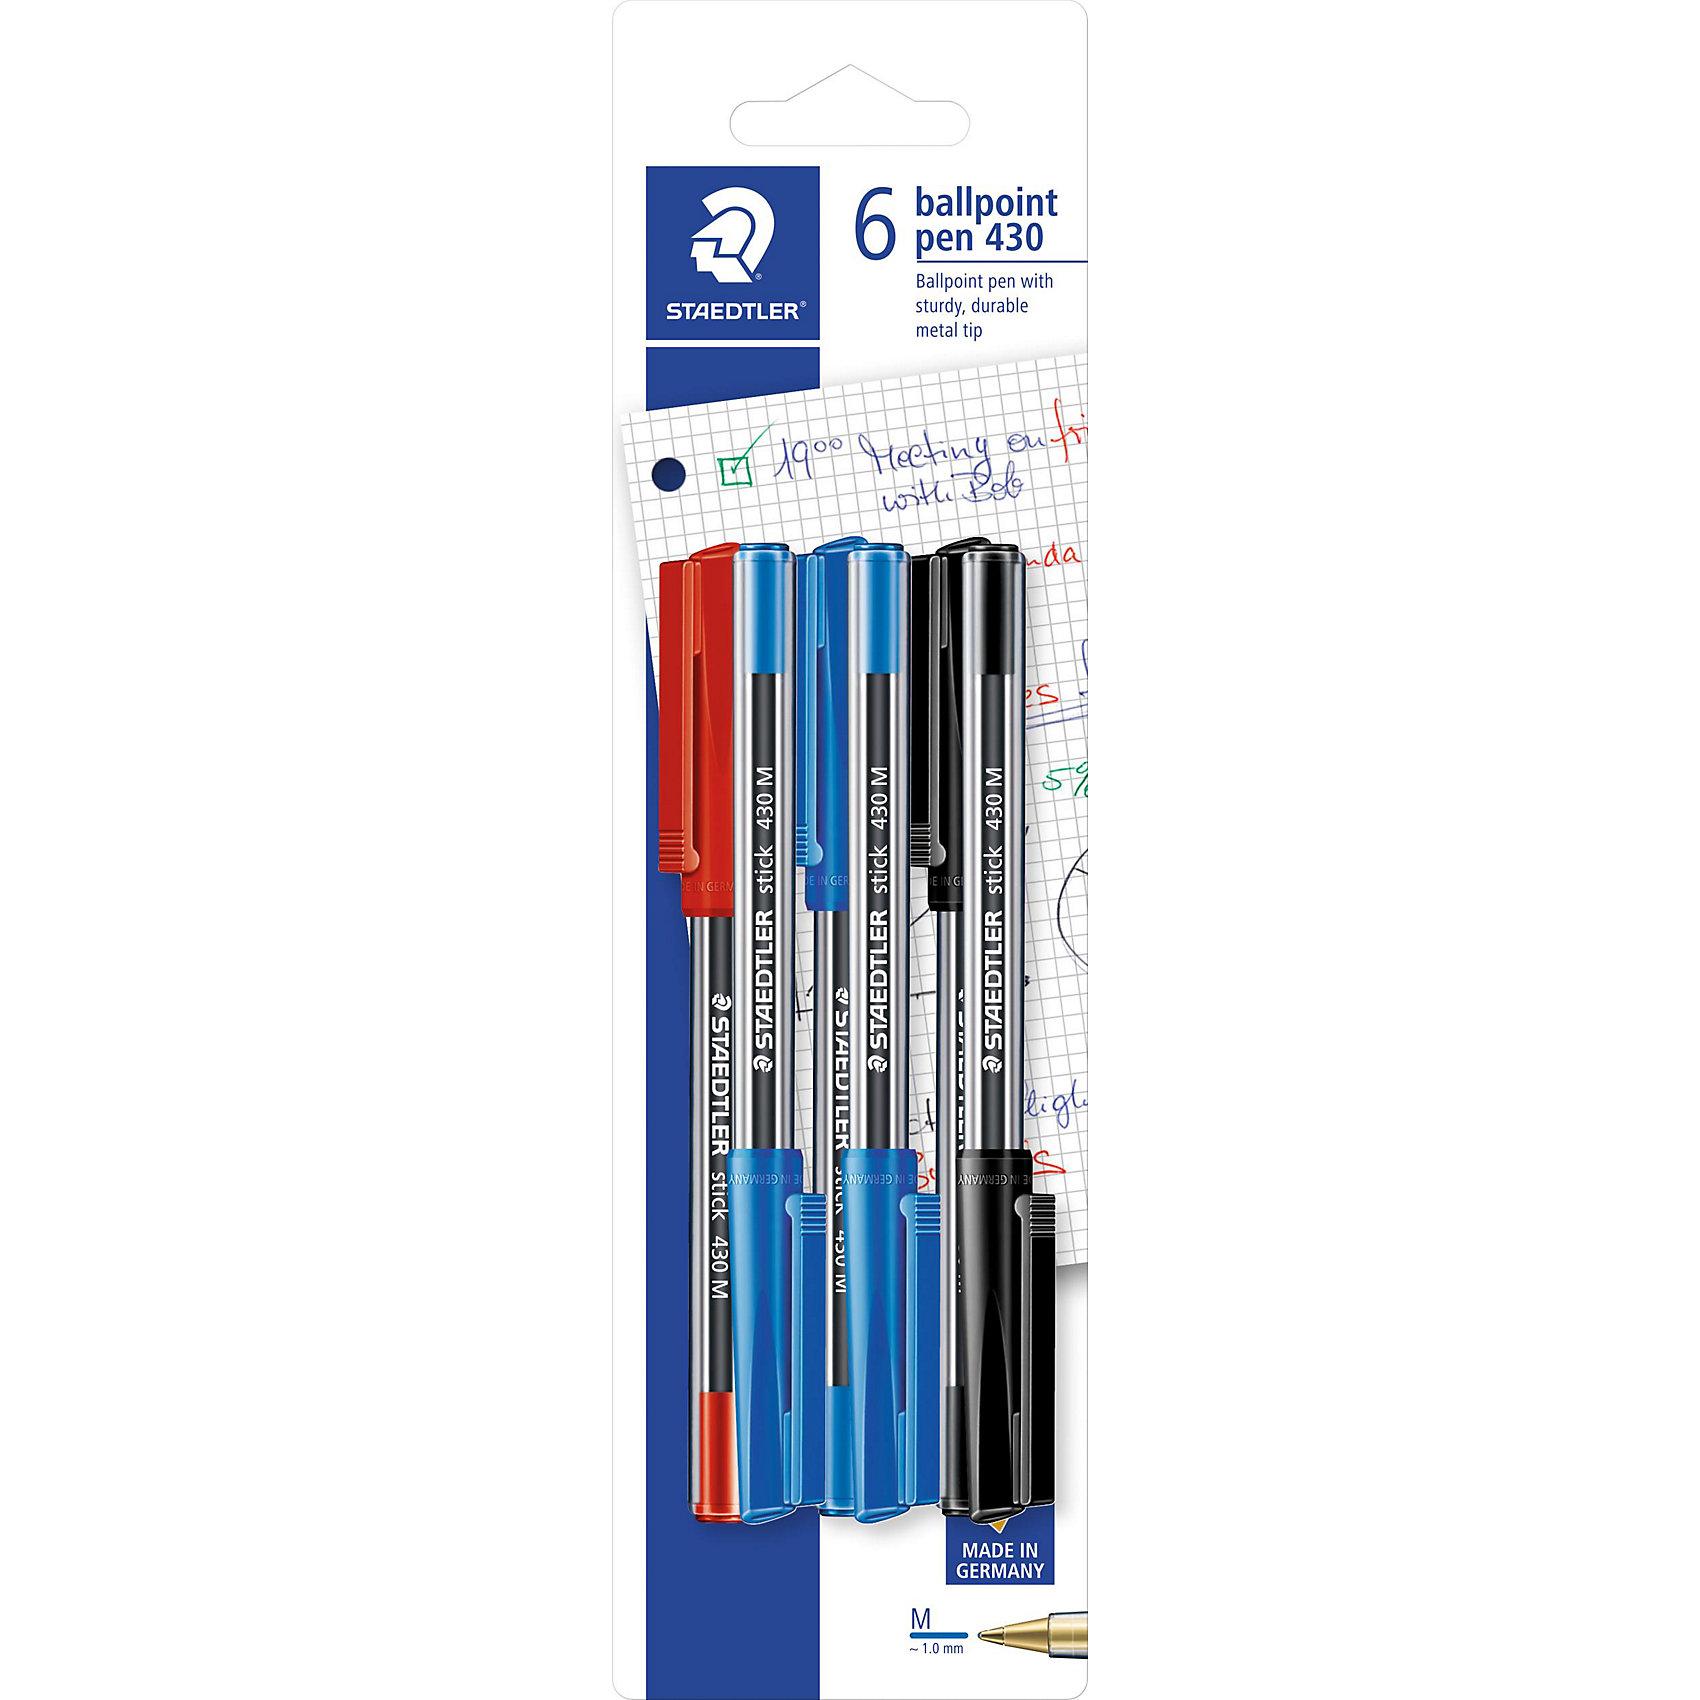 Шариковая ручка Stick, 0,5мм, 6 шт.Набор шариковых ручек Stick. Блистерная  упаковка. Содержит: 6 цветов в ассортименте.  Шариковая ручка с колпачком и клипом. Безопасно использовать в самолете - автоматическое выравнивание давления предотвращает от вытекания чернил на борту самолета.<br><br>Ширина мм: 235<br>Глубина мм: 66<br>Высота мм: 20<br>Вес г: 52<br>Возраст от месяцев: 60<br>Возраст до месяцев: 168<br>Пол: Унисекс<br>Возраст: Детский<br>SKU: 4853265